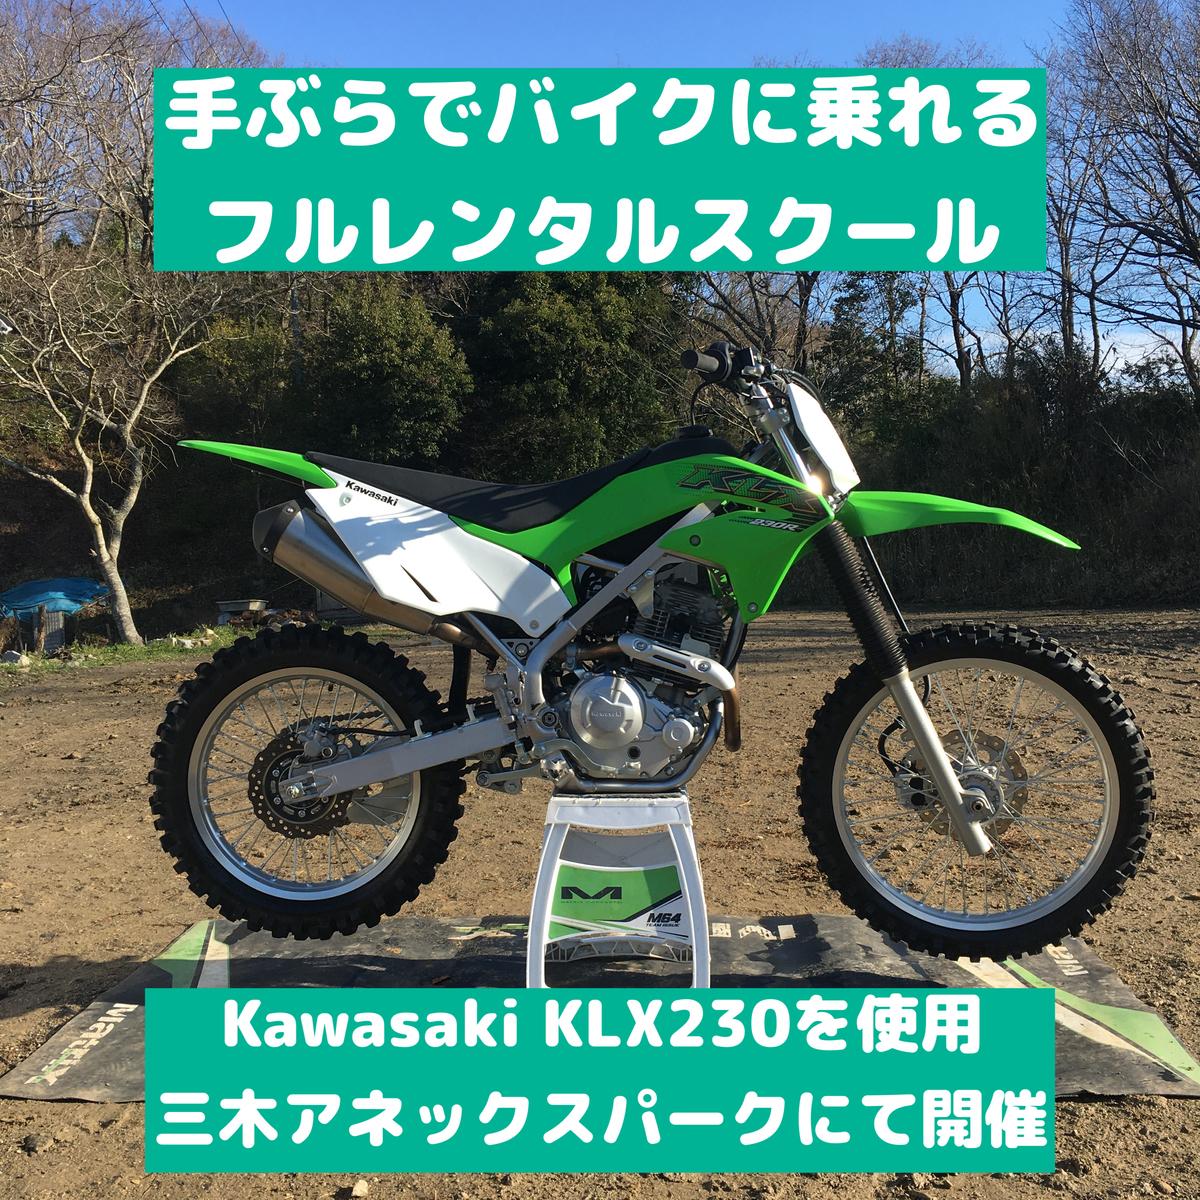 f:id:zomzom-rider:20210218220248j:plain